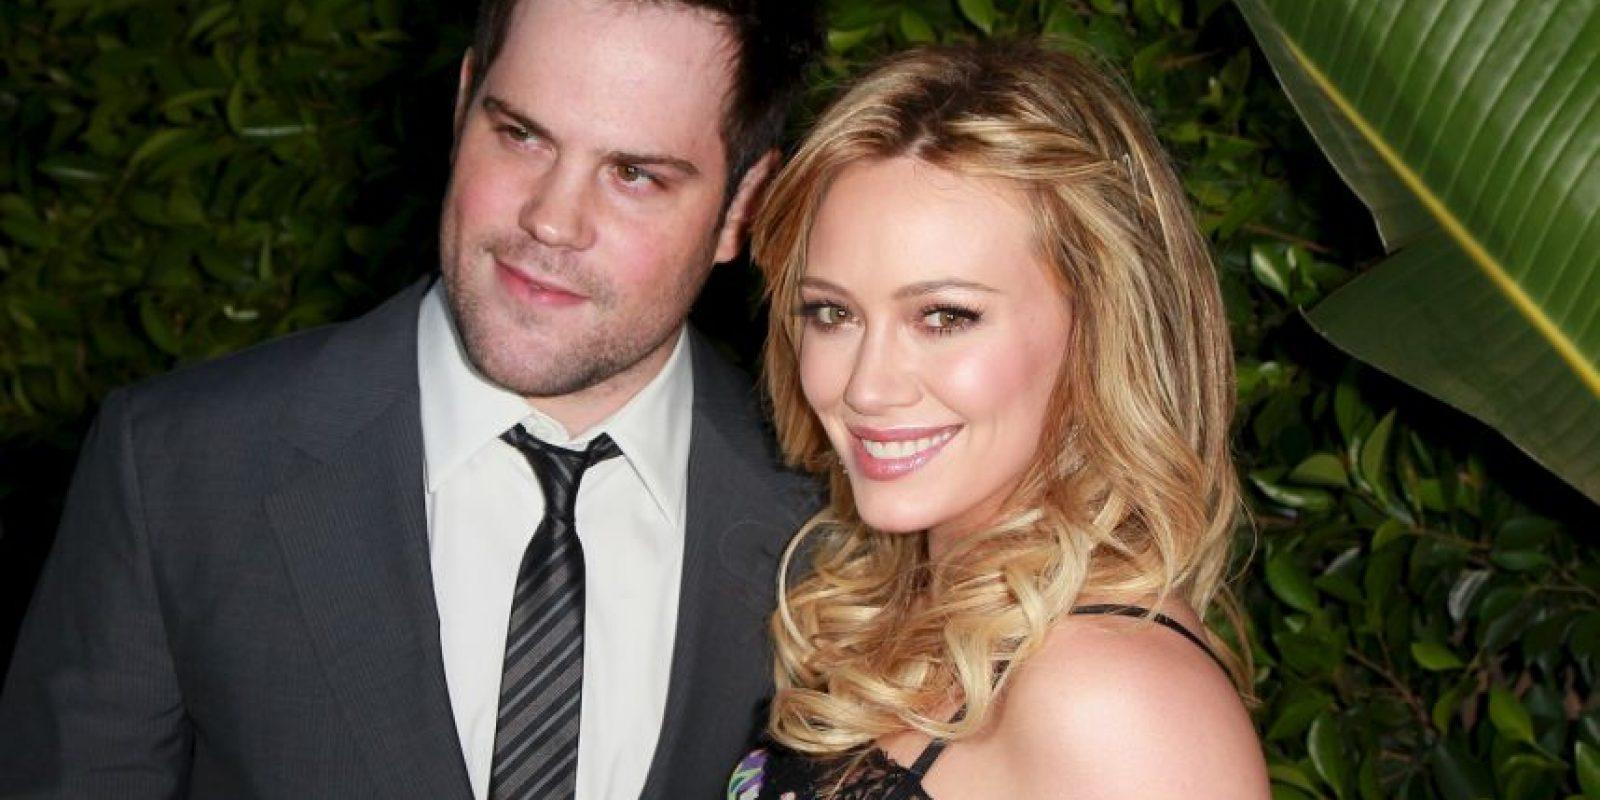 La pareja anunció su divorcio Foto:Getty Images